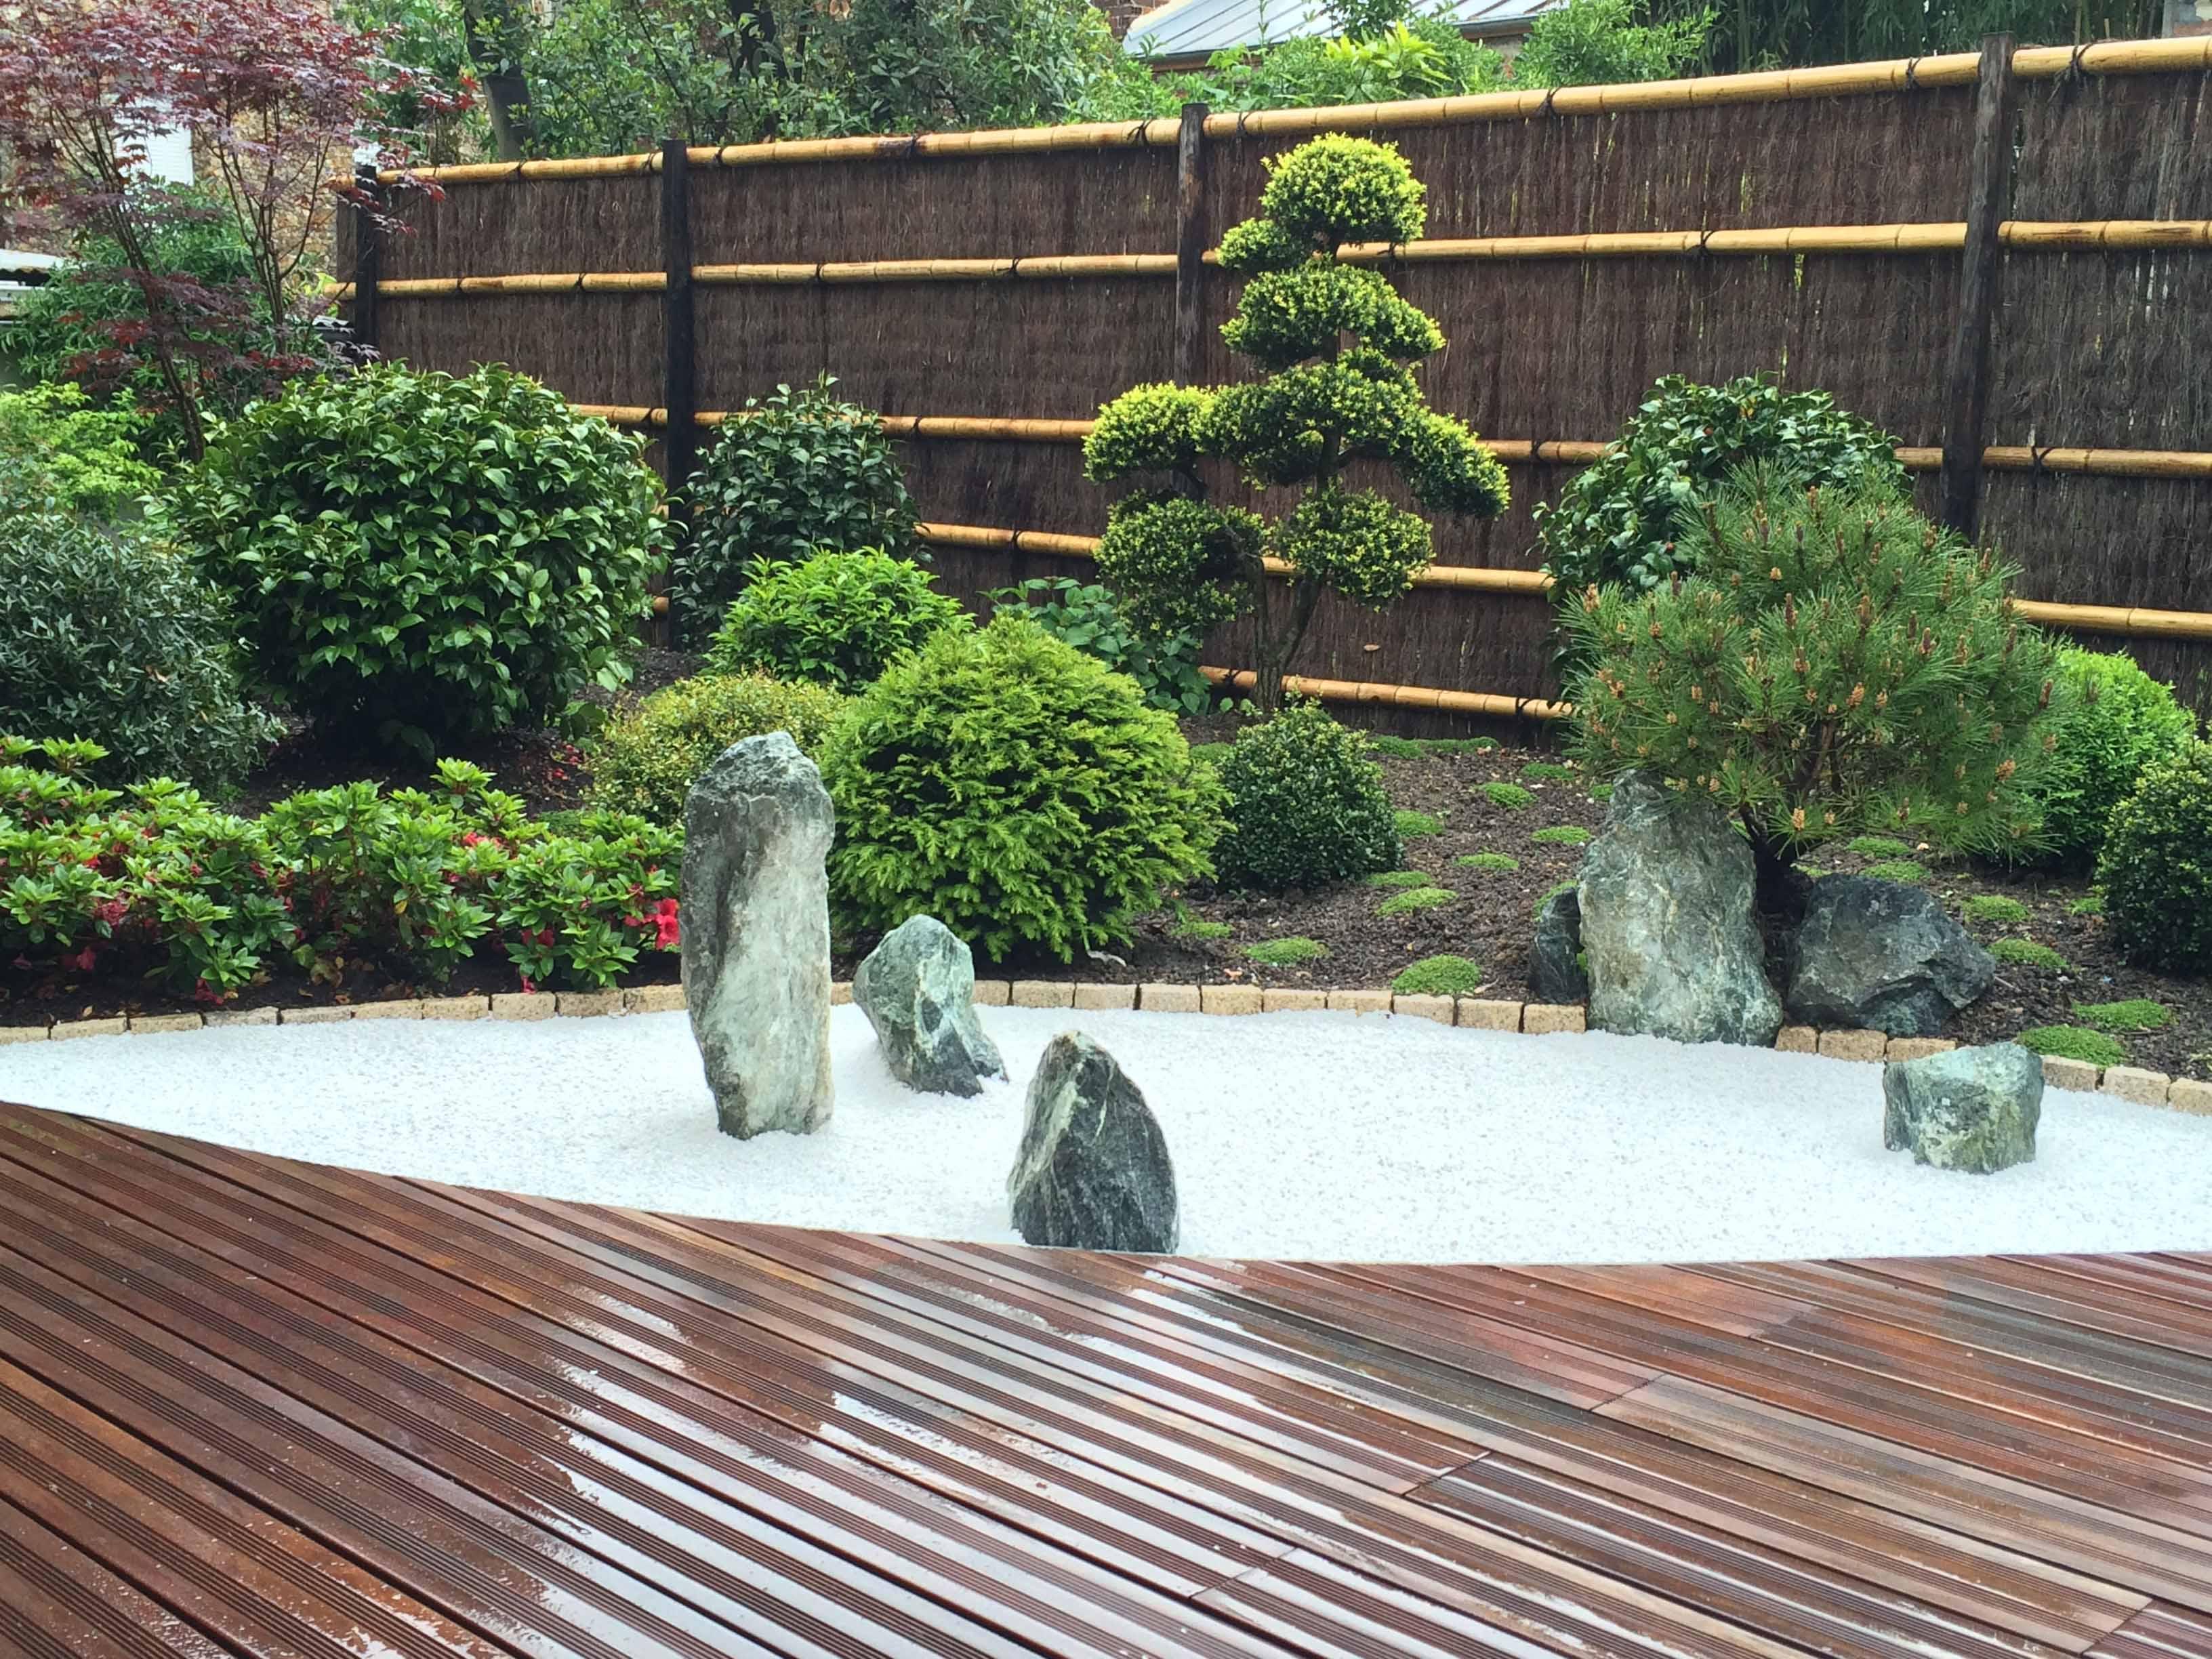 jardin japonais rennes elegant petit jardin zen meilleur de photos objet de decoration pour. Black Bedroom Furniture Sets. Home Design Ideas